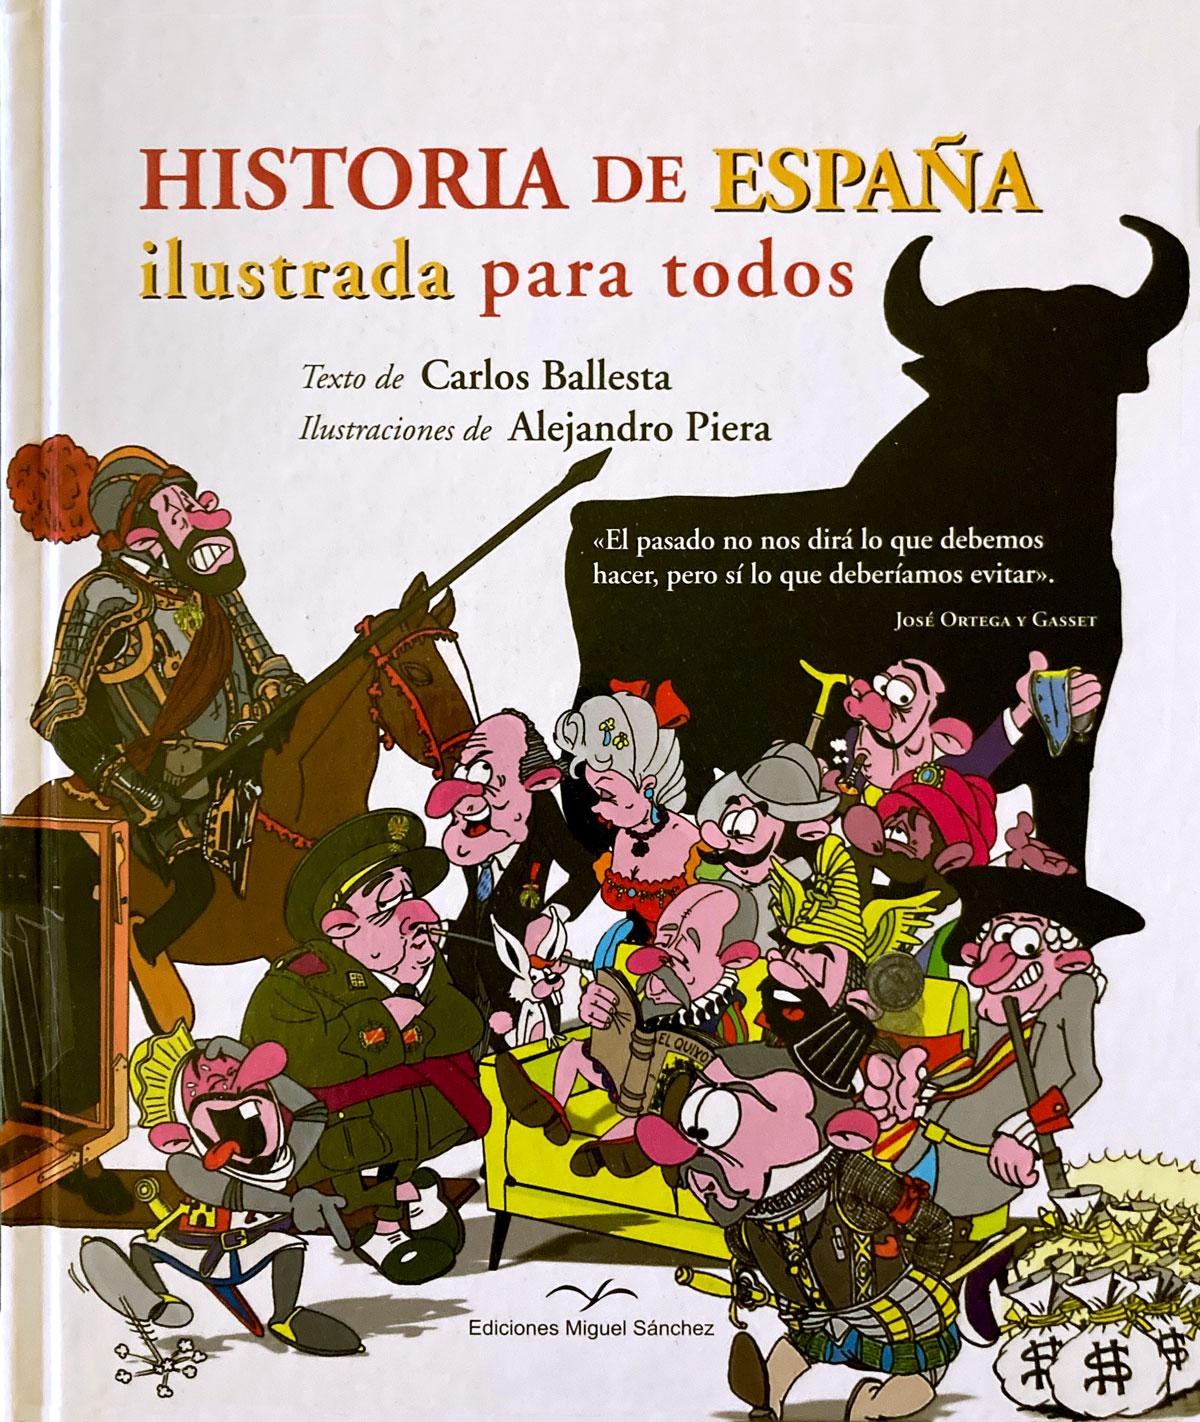 Historia de España contada para todos - Carlos Ballesta López y Alex Piera Lillo